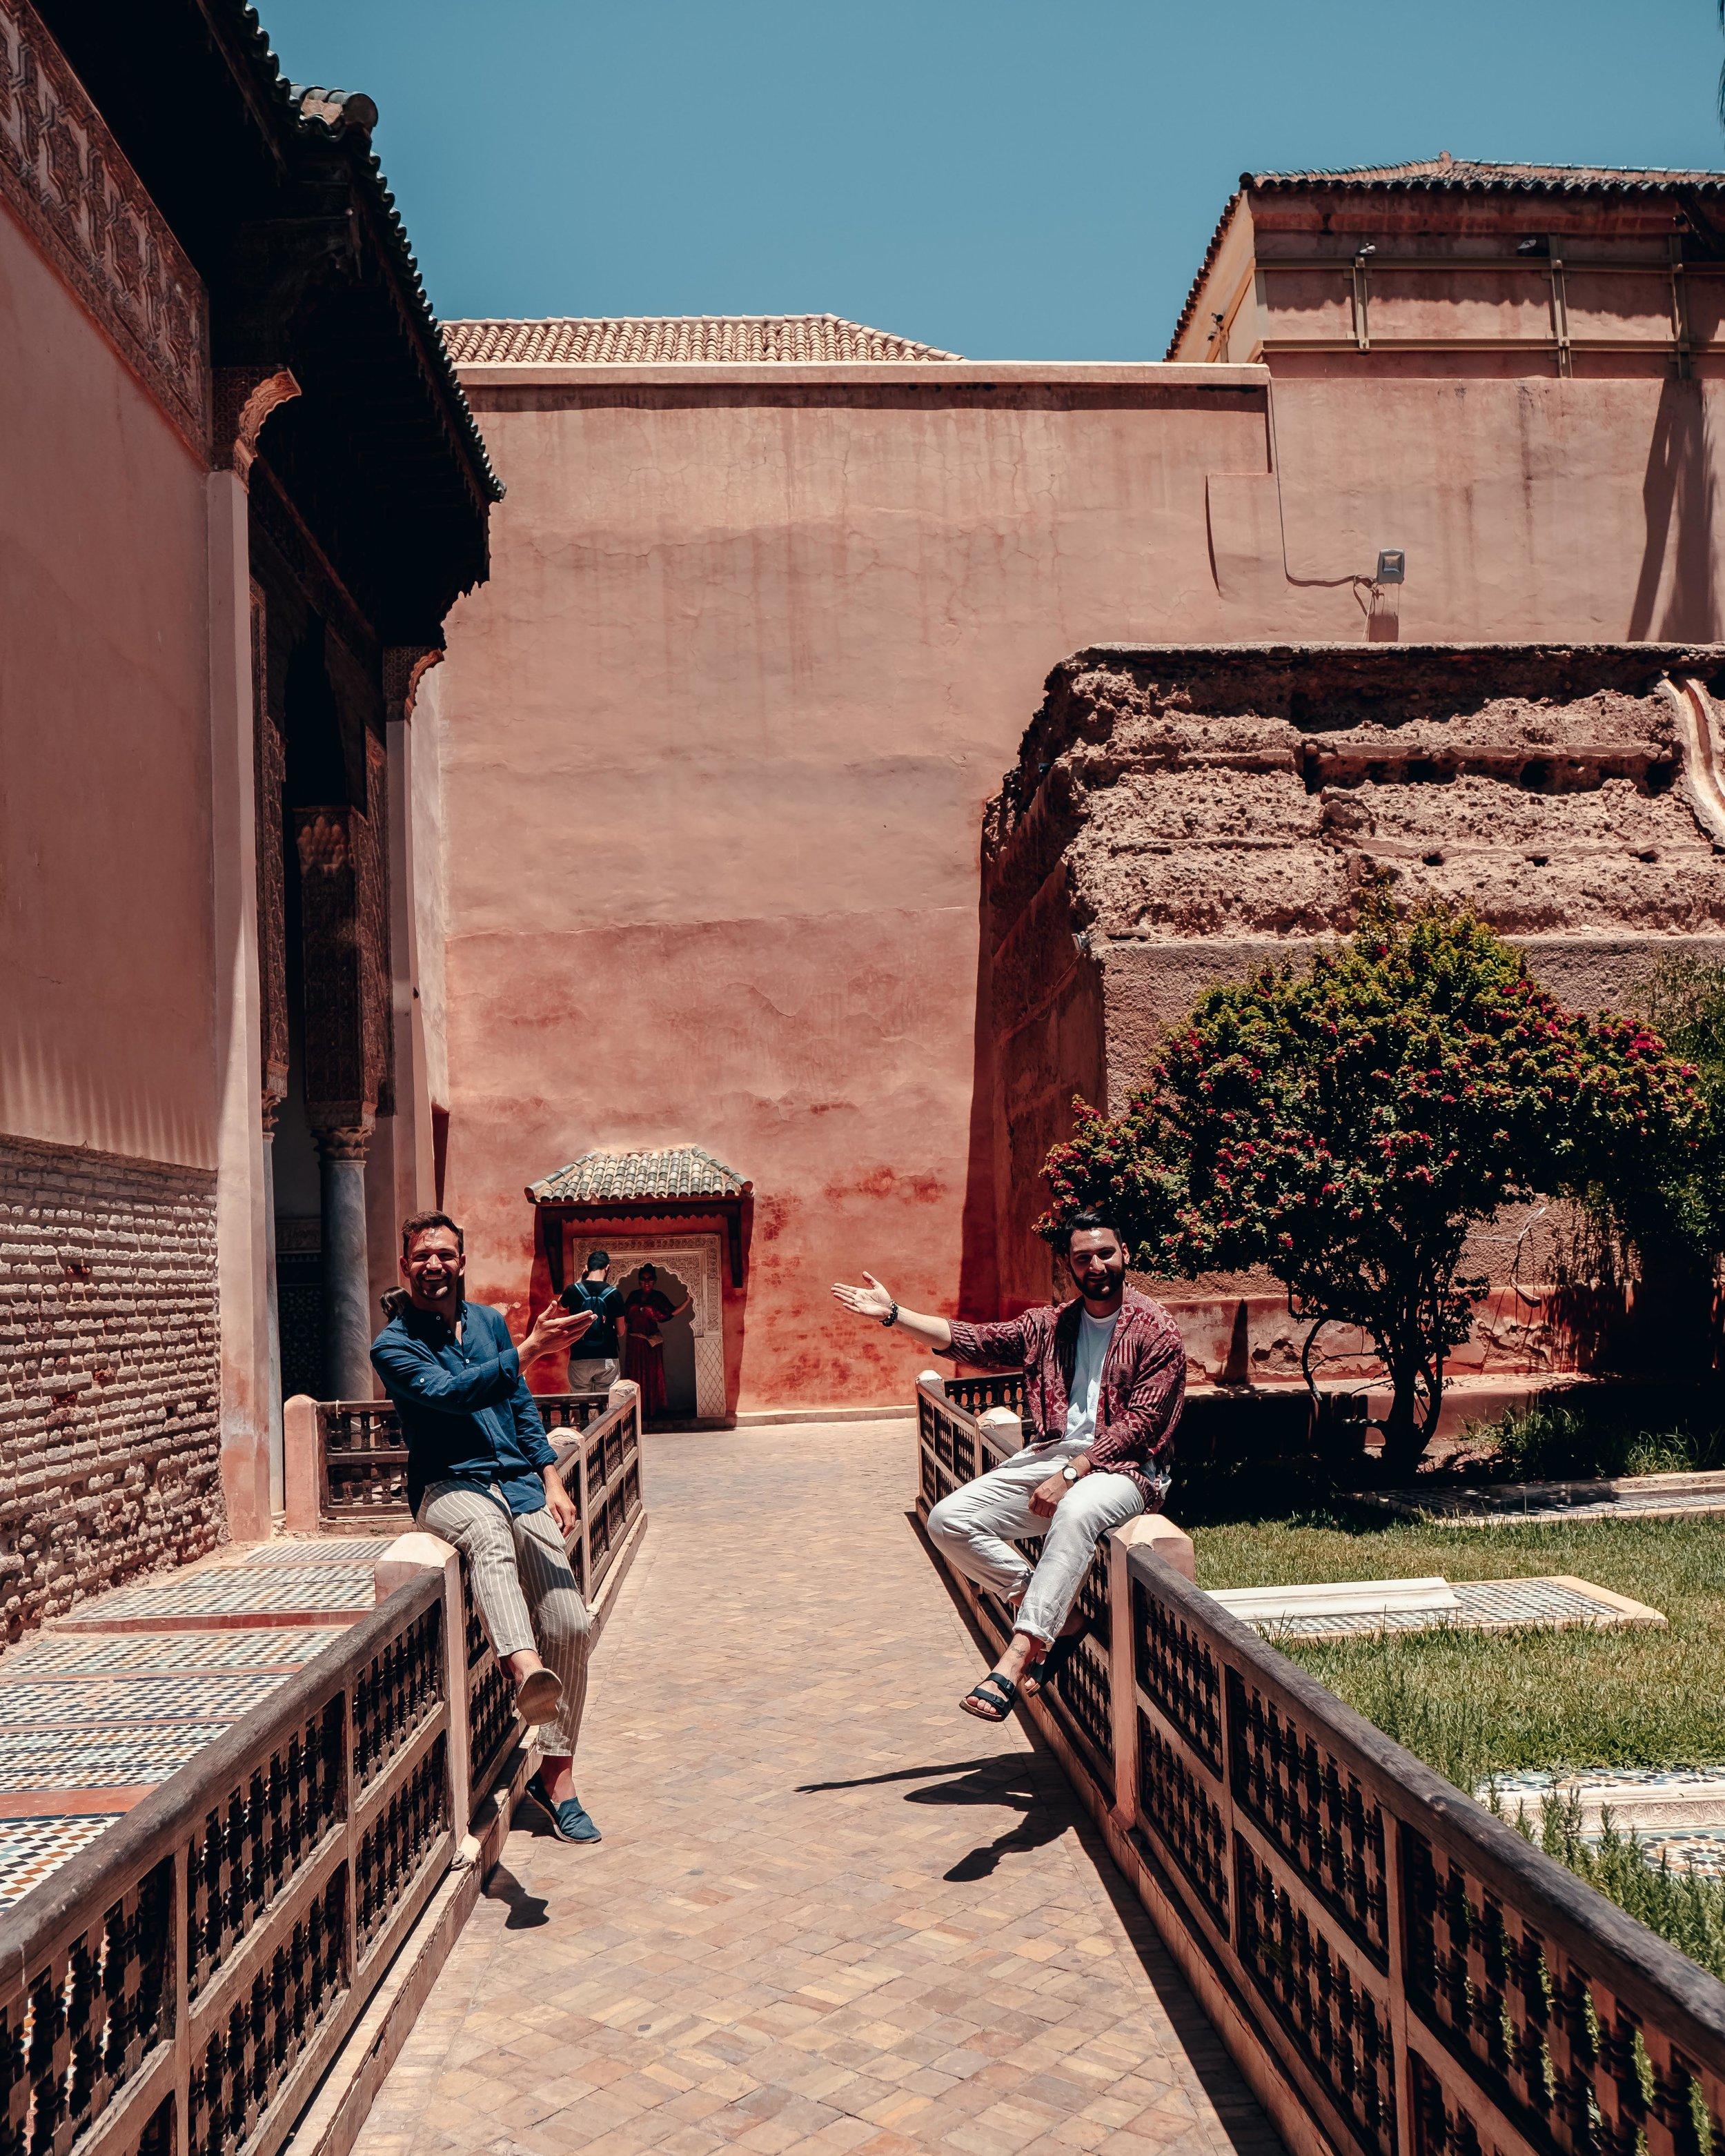 Marrakech-9755.jpg